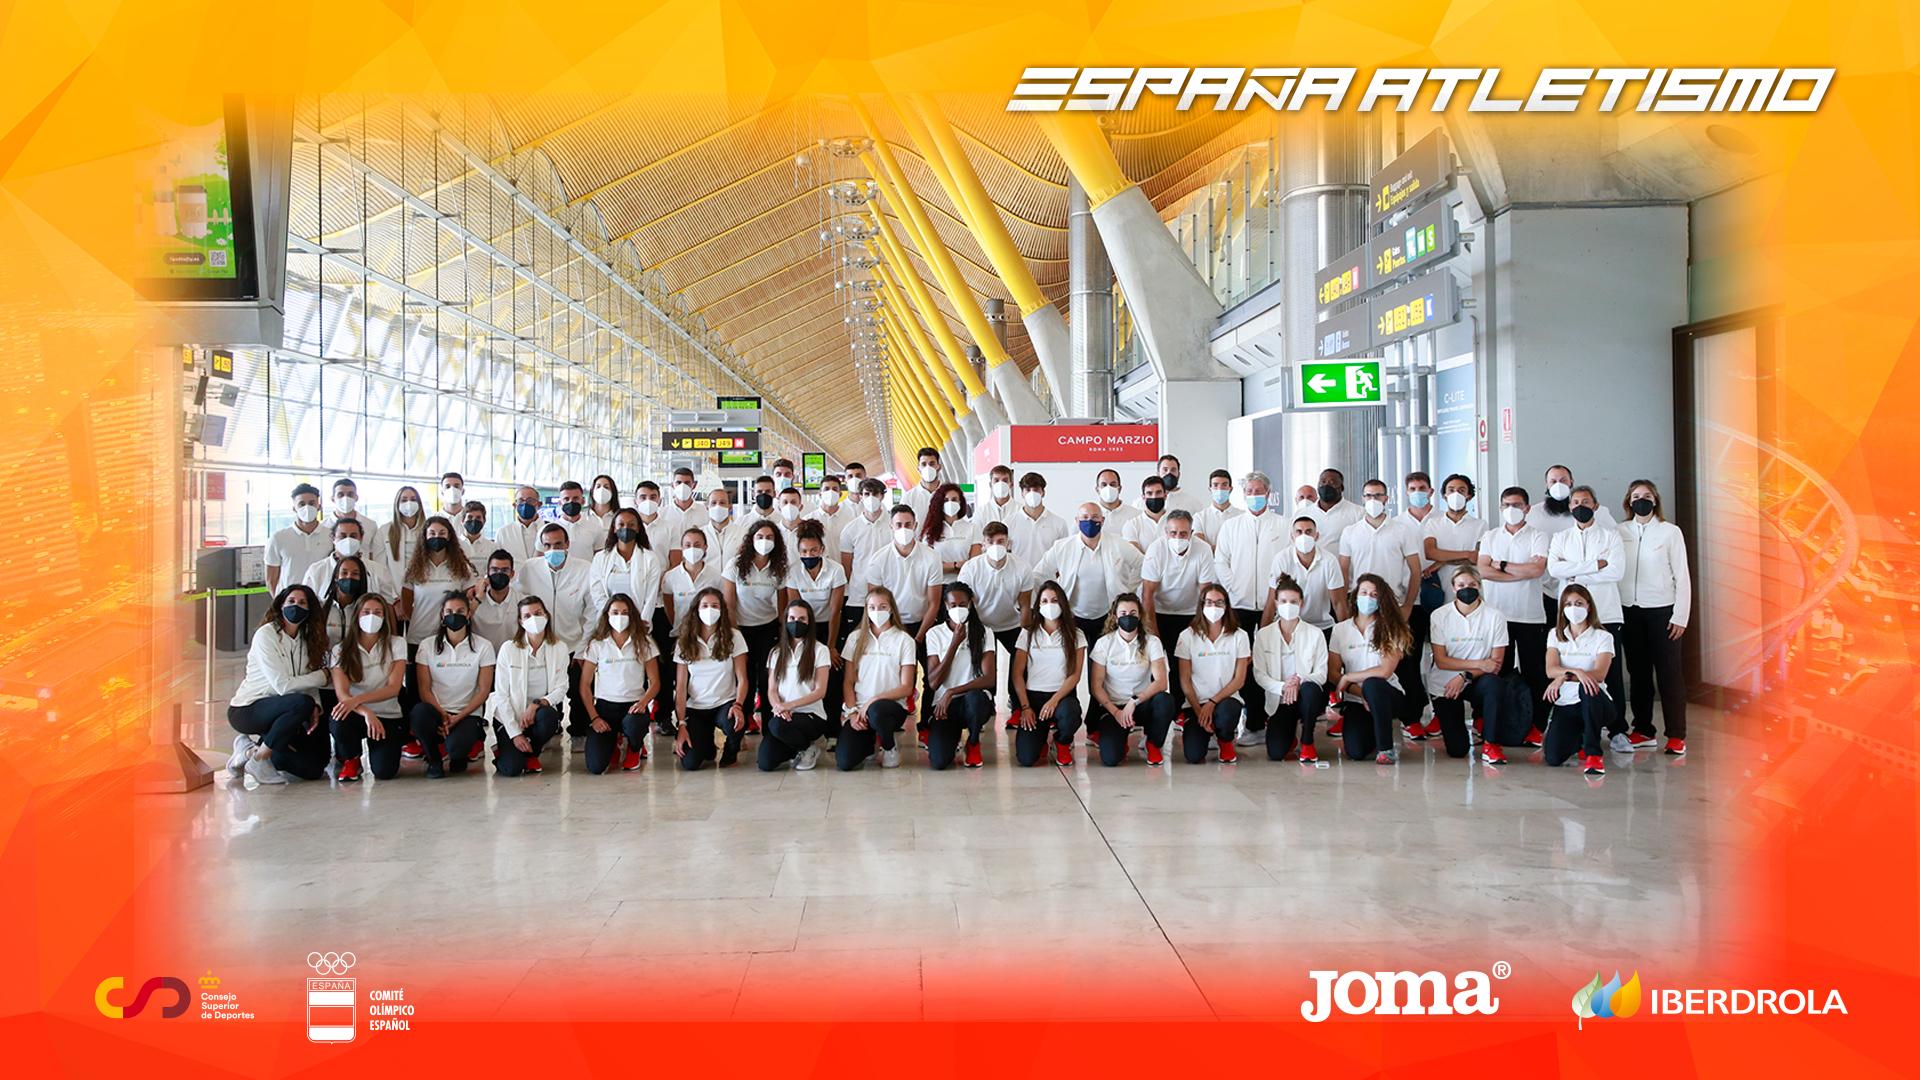 La seleccion española en el aeropuerto camino del europeo por equipos